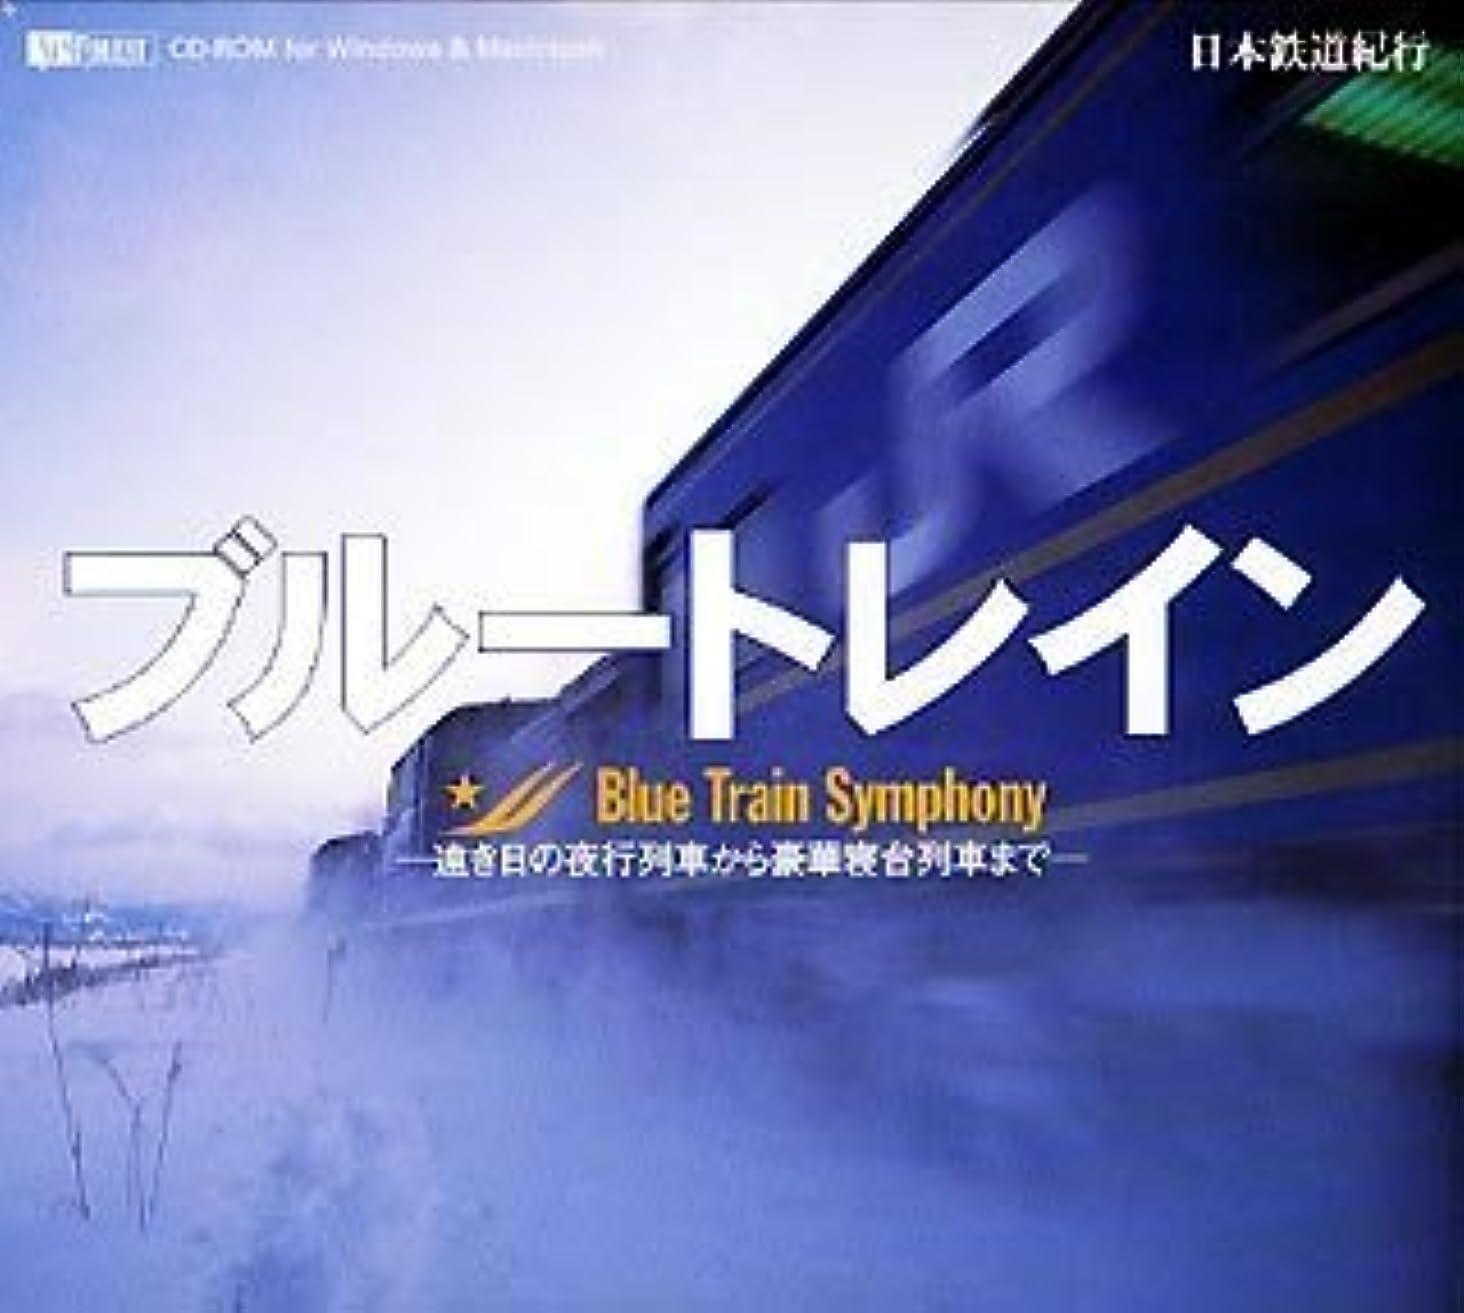 前兆征服する最高日本鉄道紀行 ブルートレイン